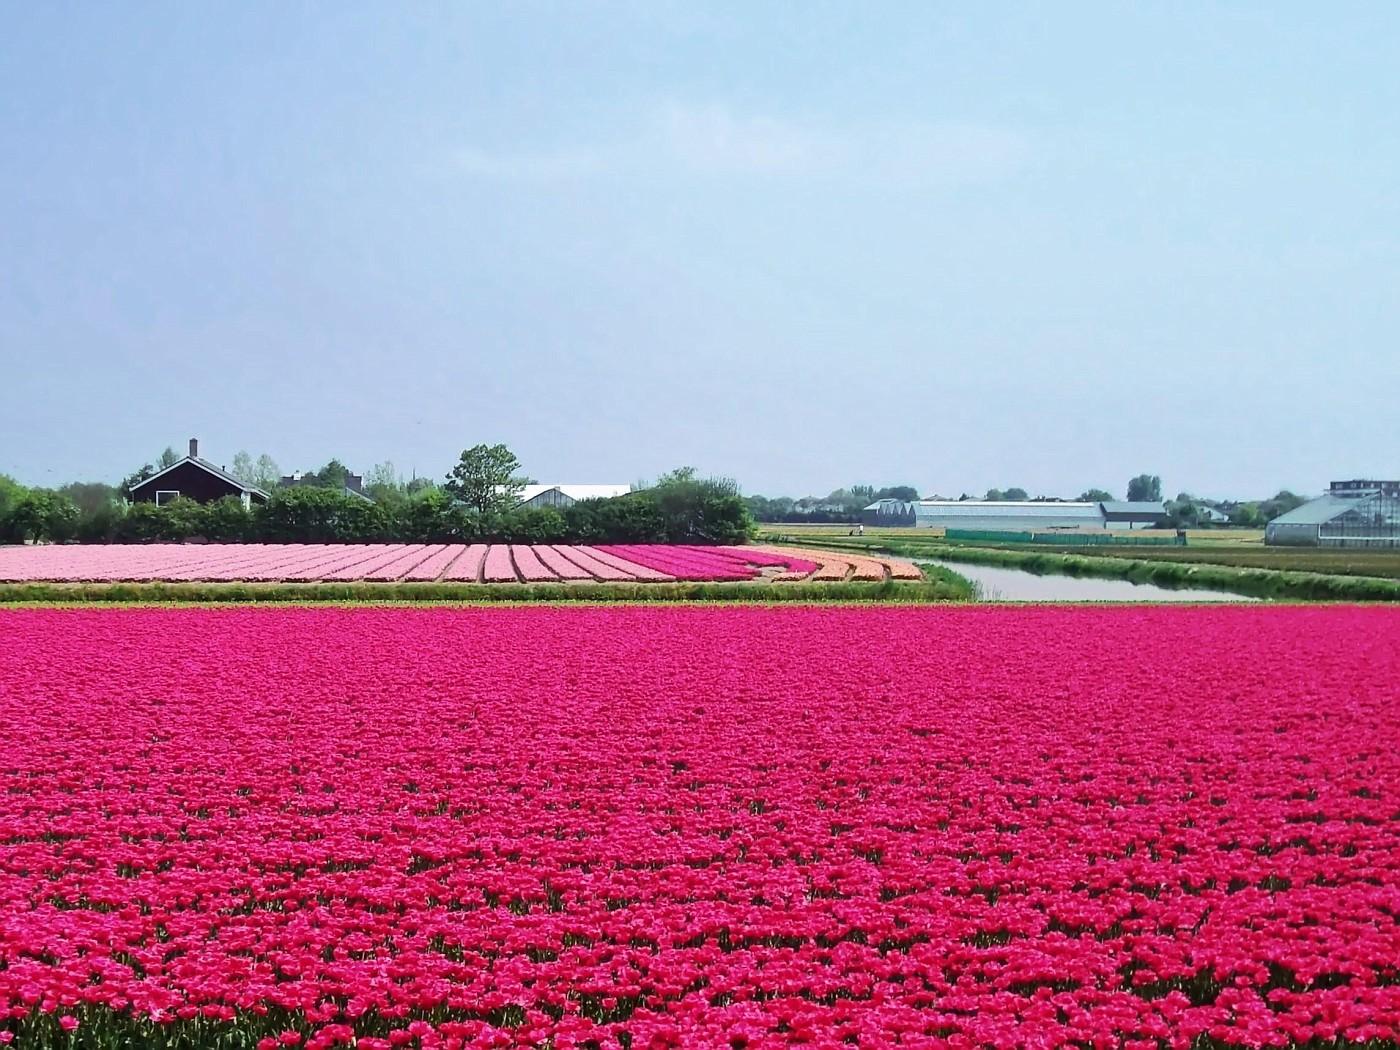 Tulip fields in Noordwijkerhout